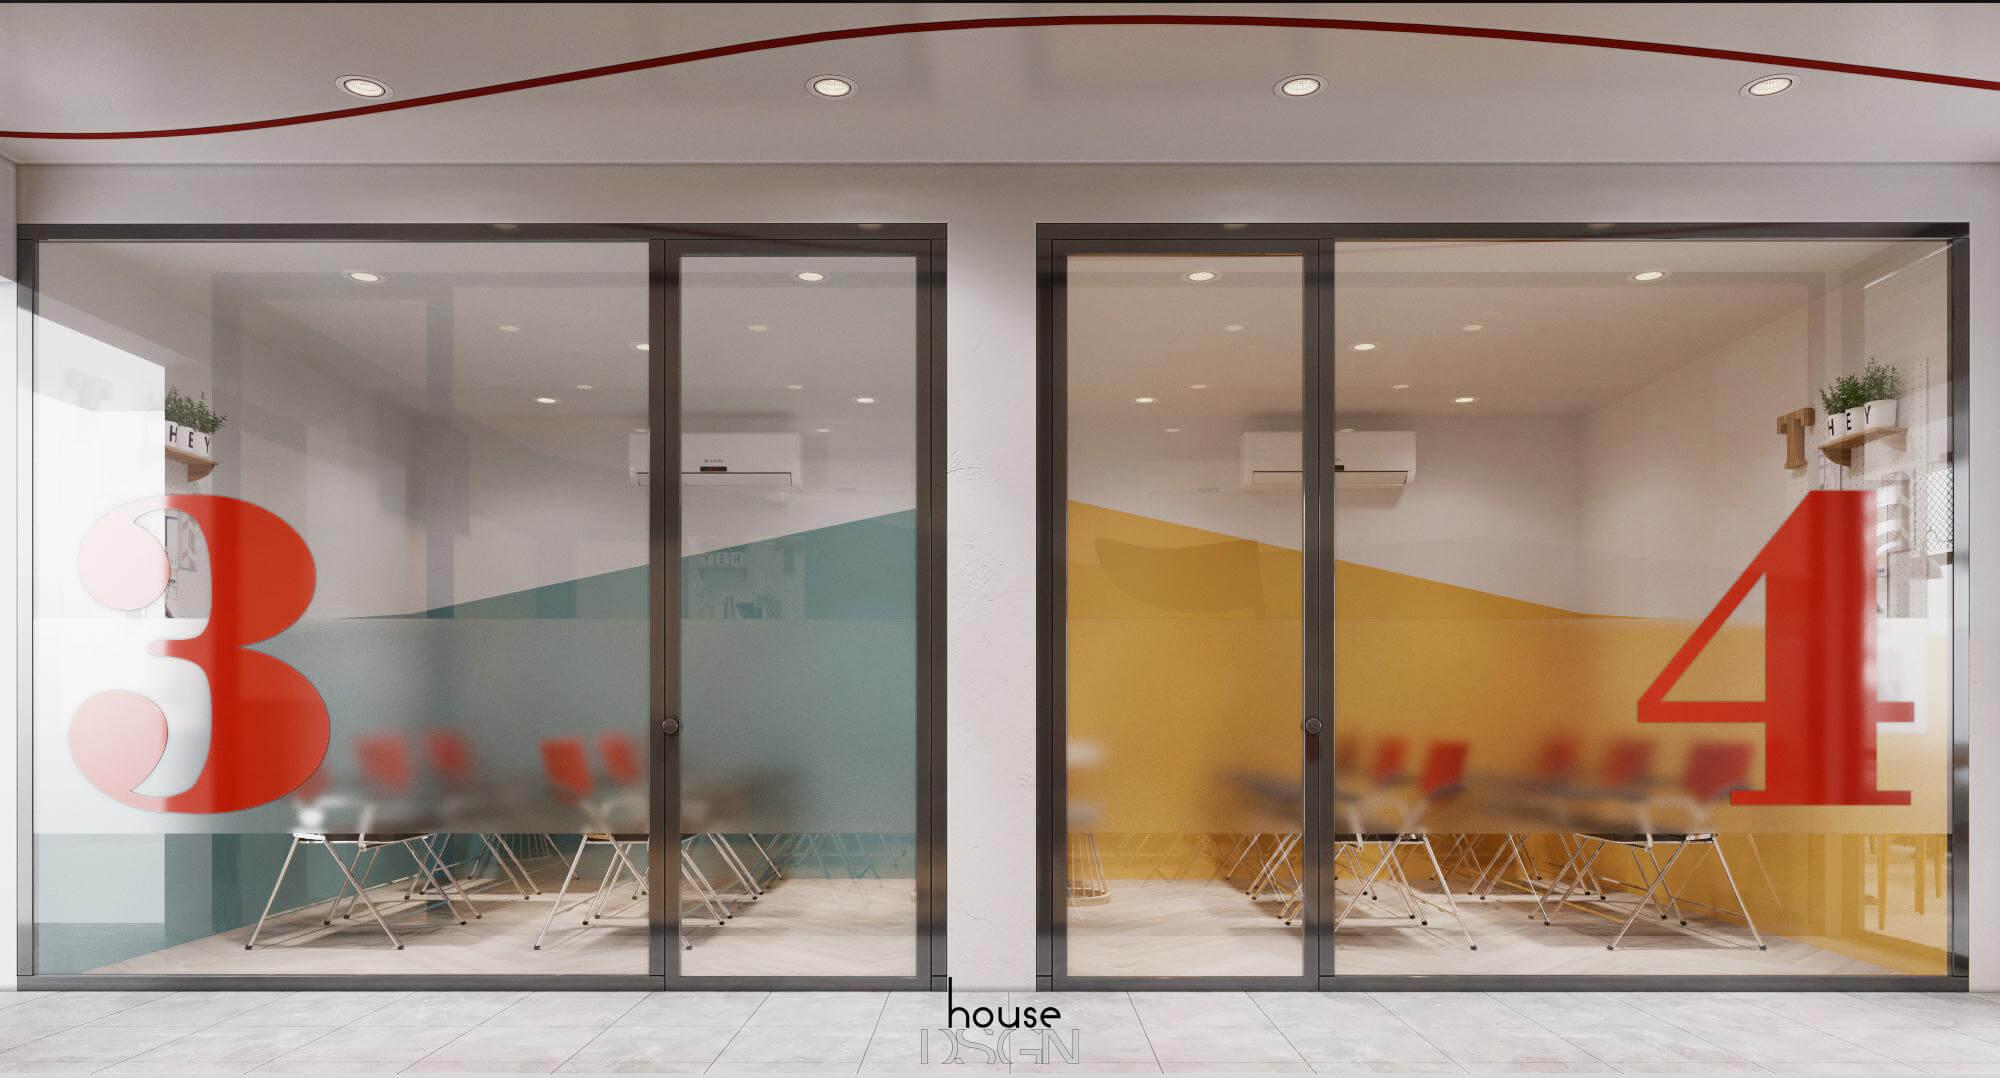 thiết kế thi công nội thất văn phòng hiện đại đẹp